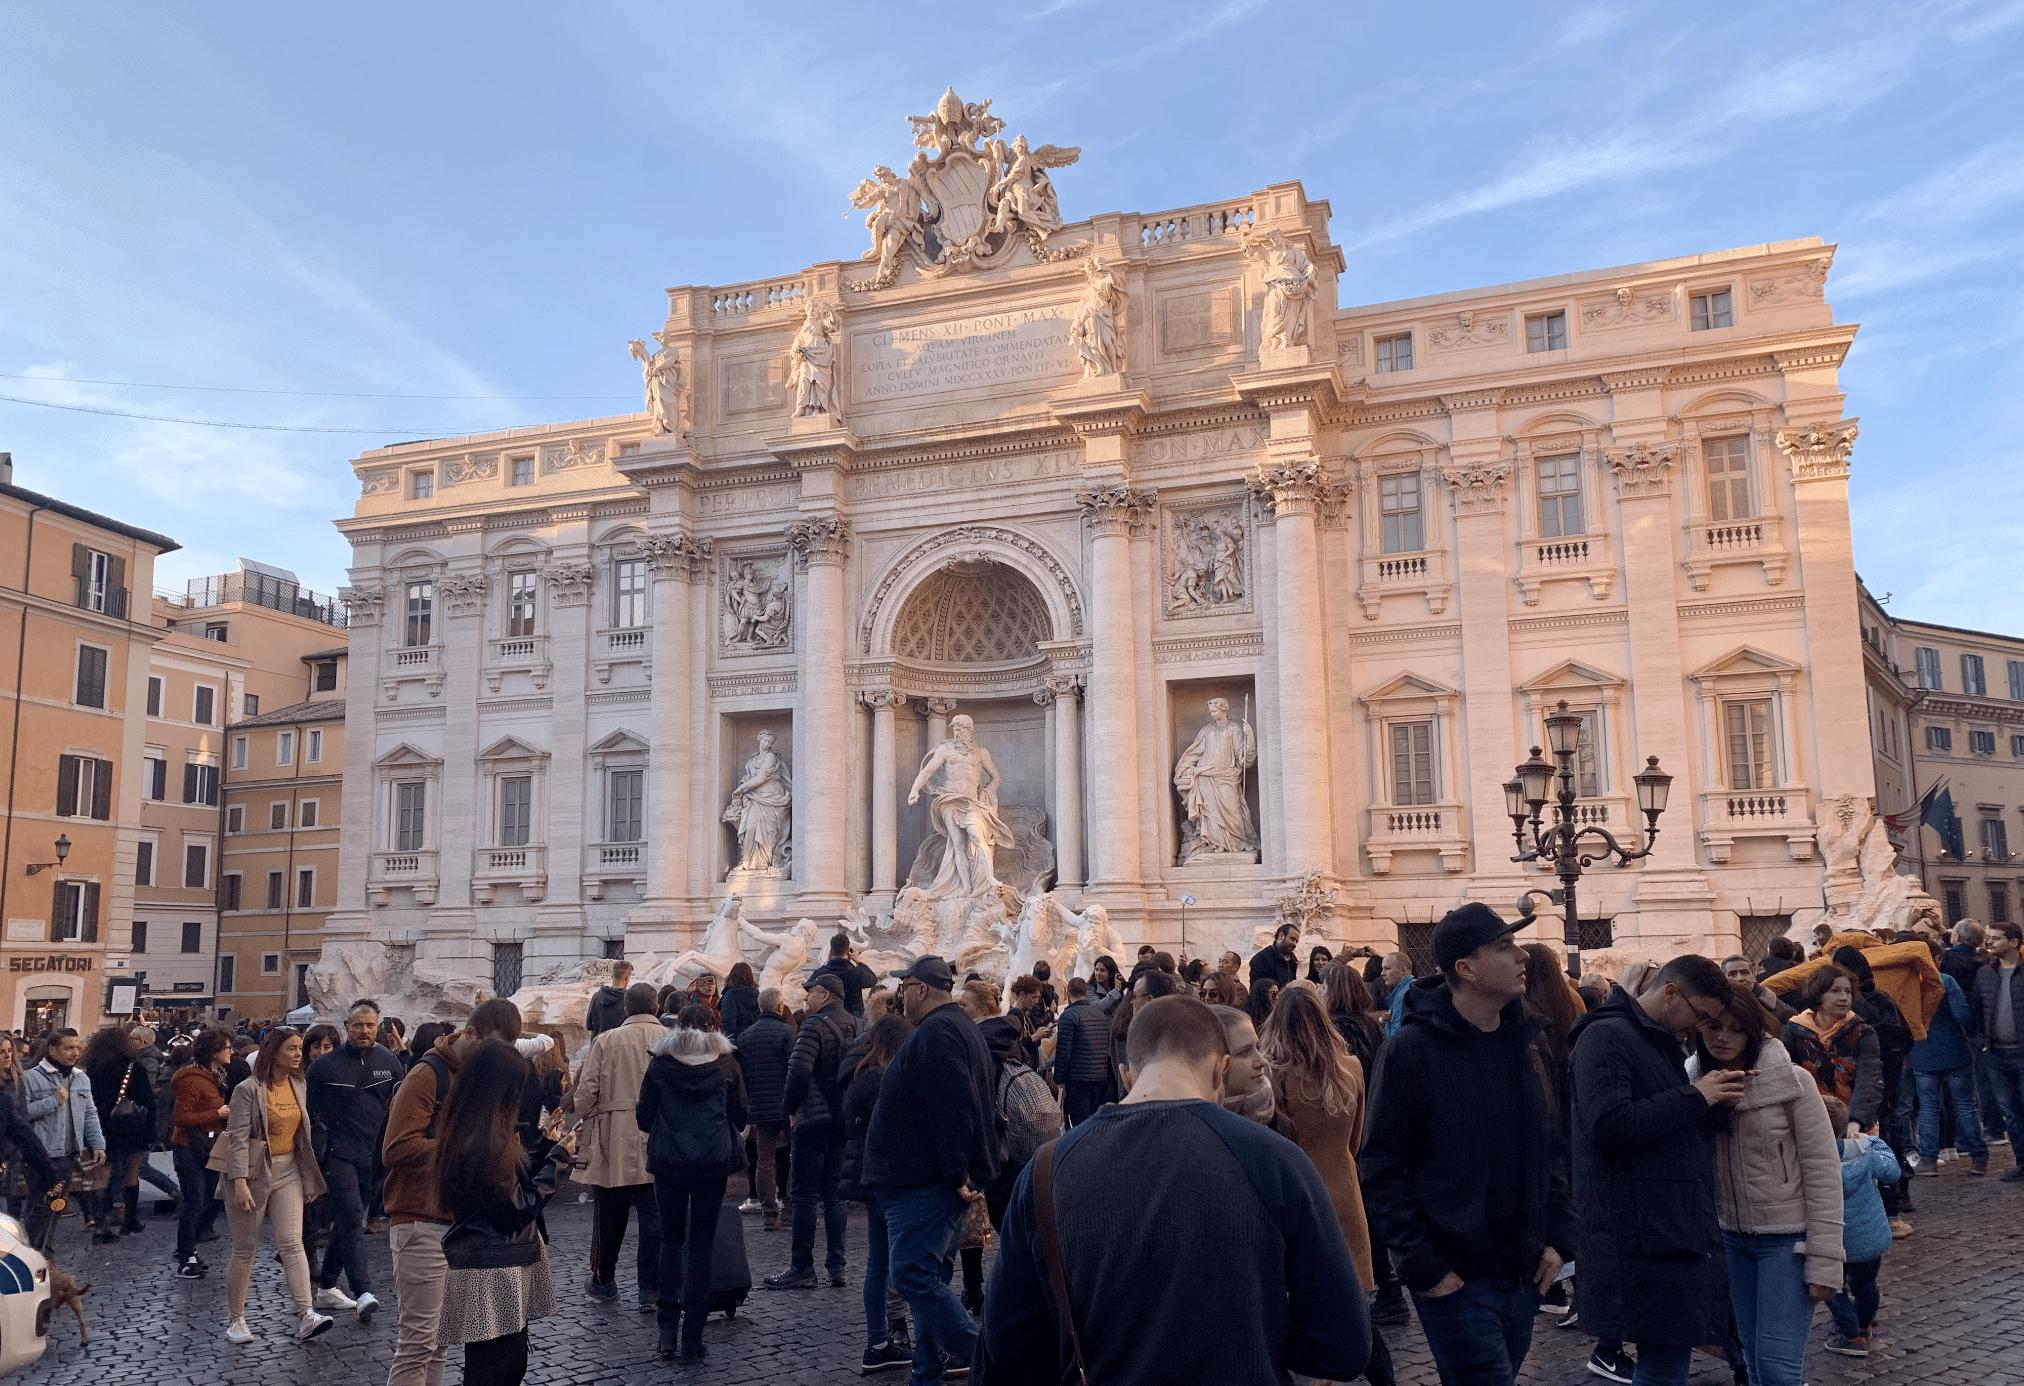 visiter rome : la fontaine de trevi